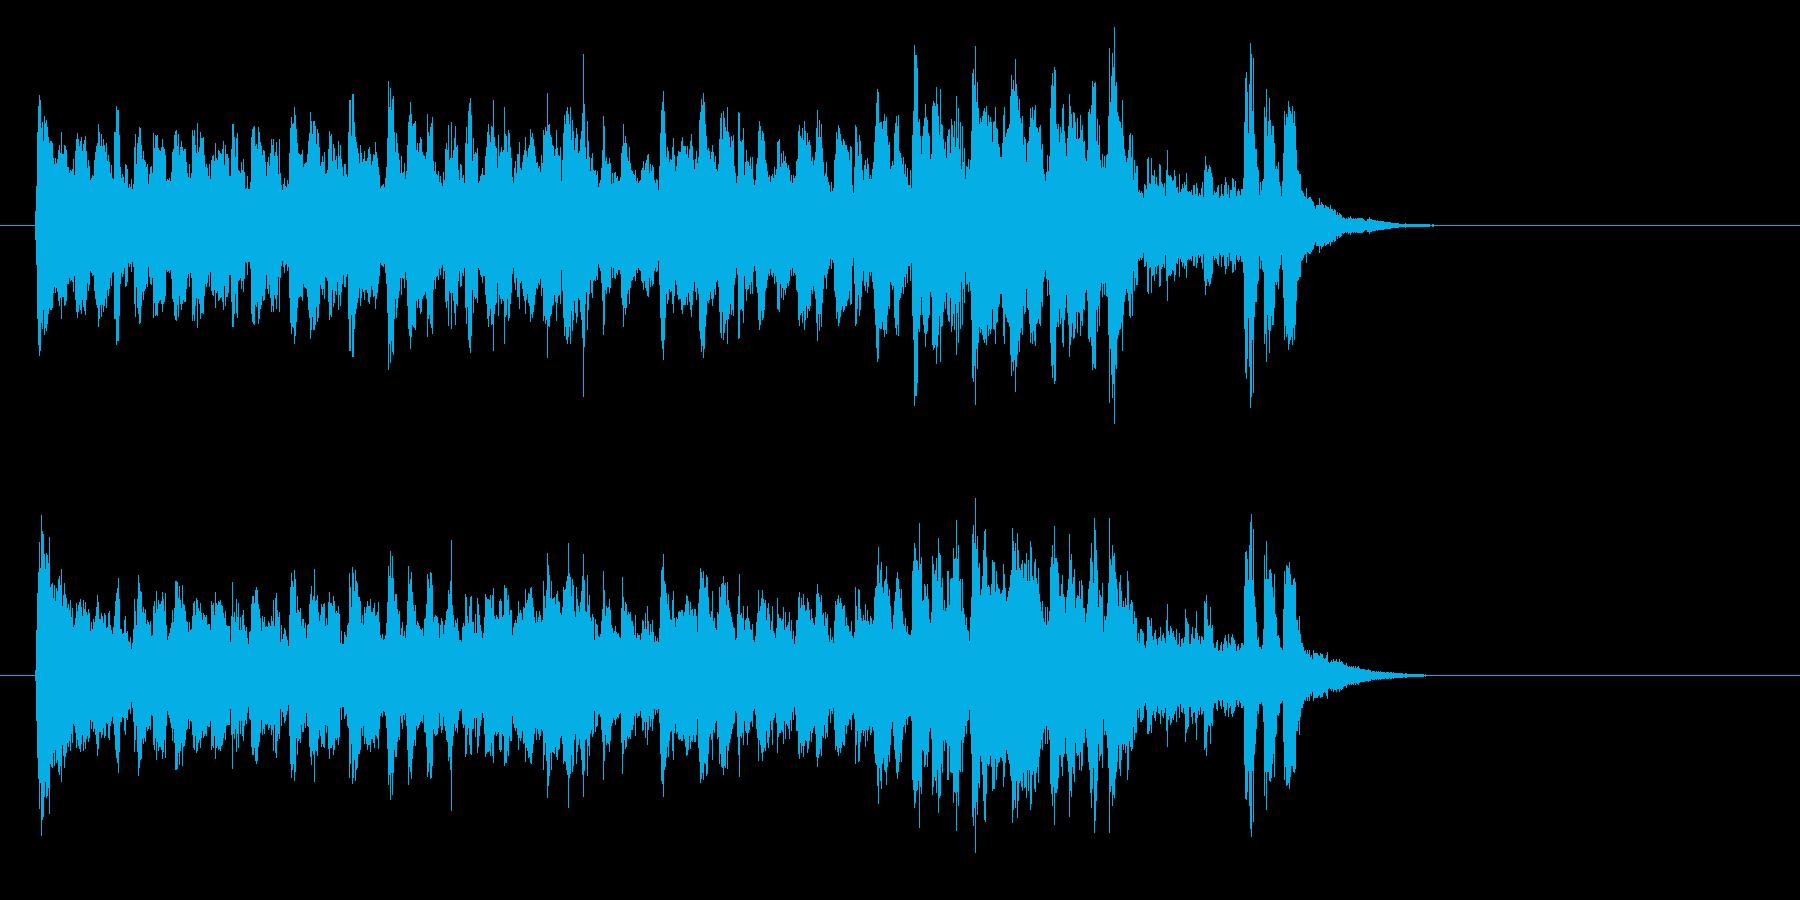 熱血青春サウンド・ニュー・ミュージック風の再生済みの波形